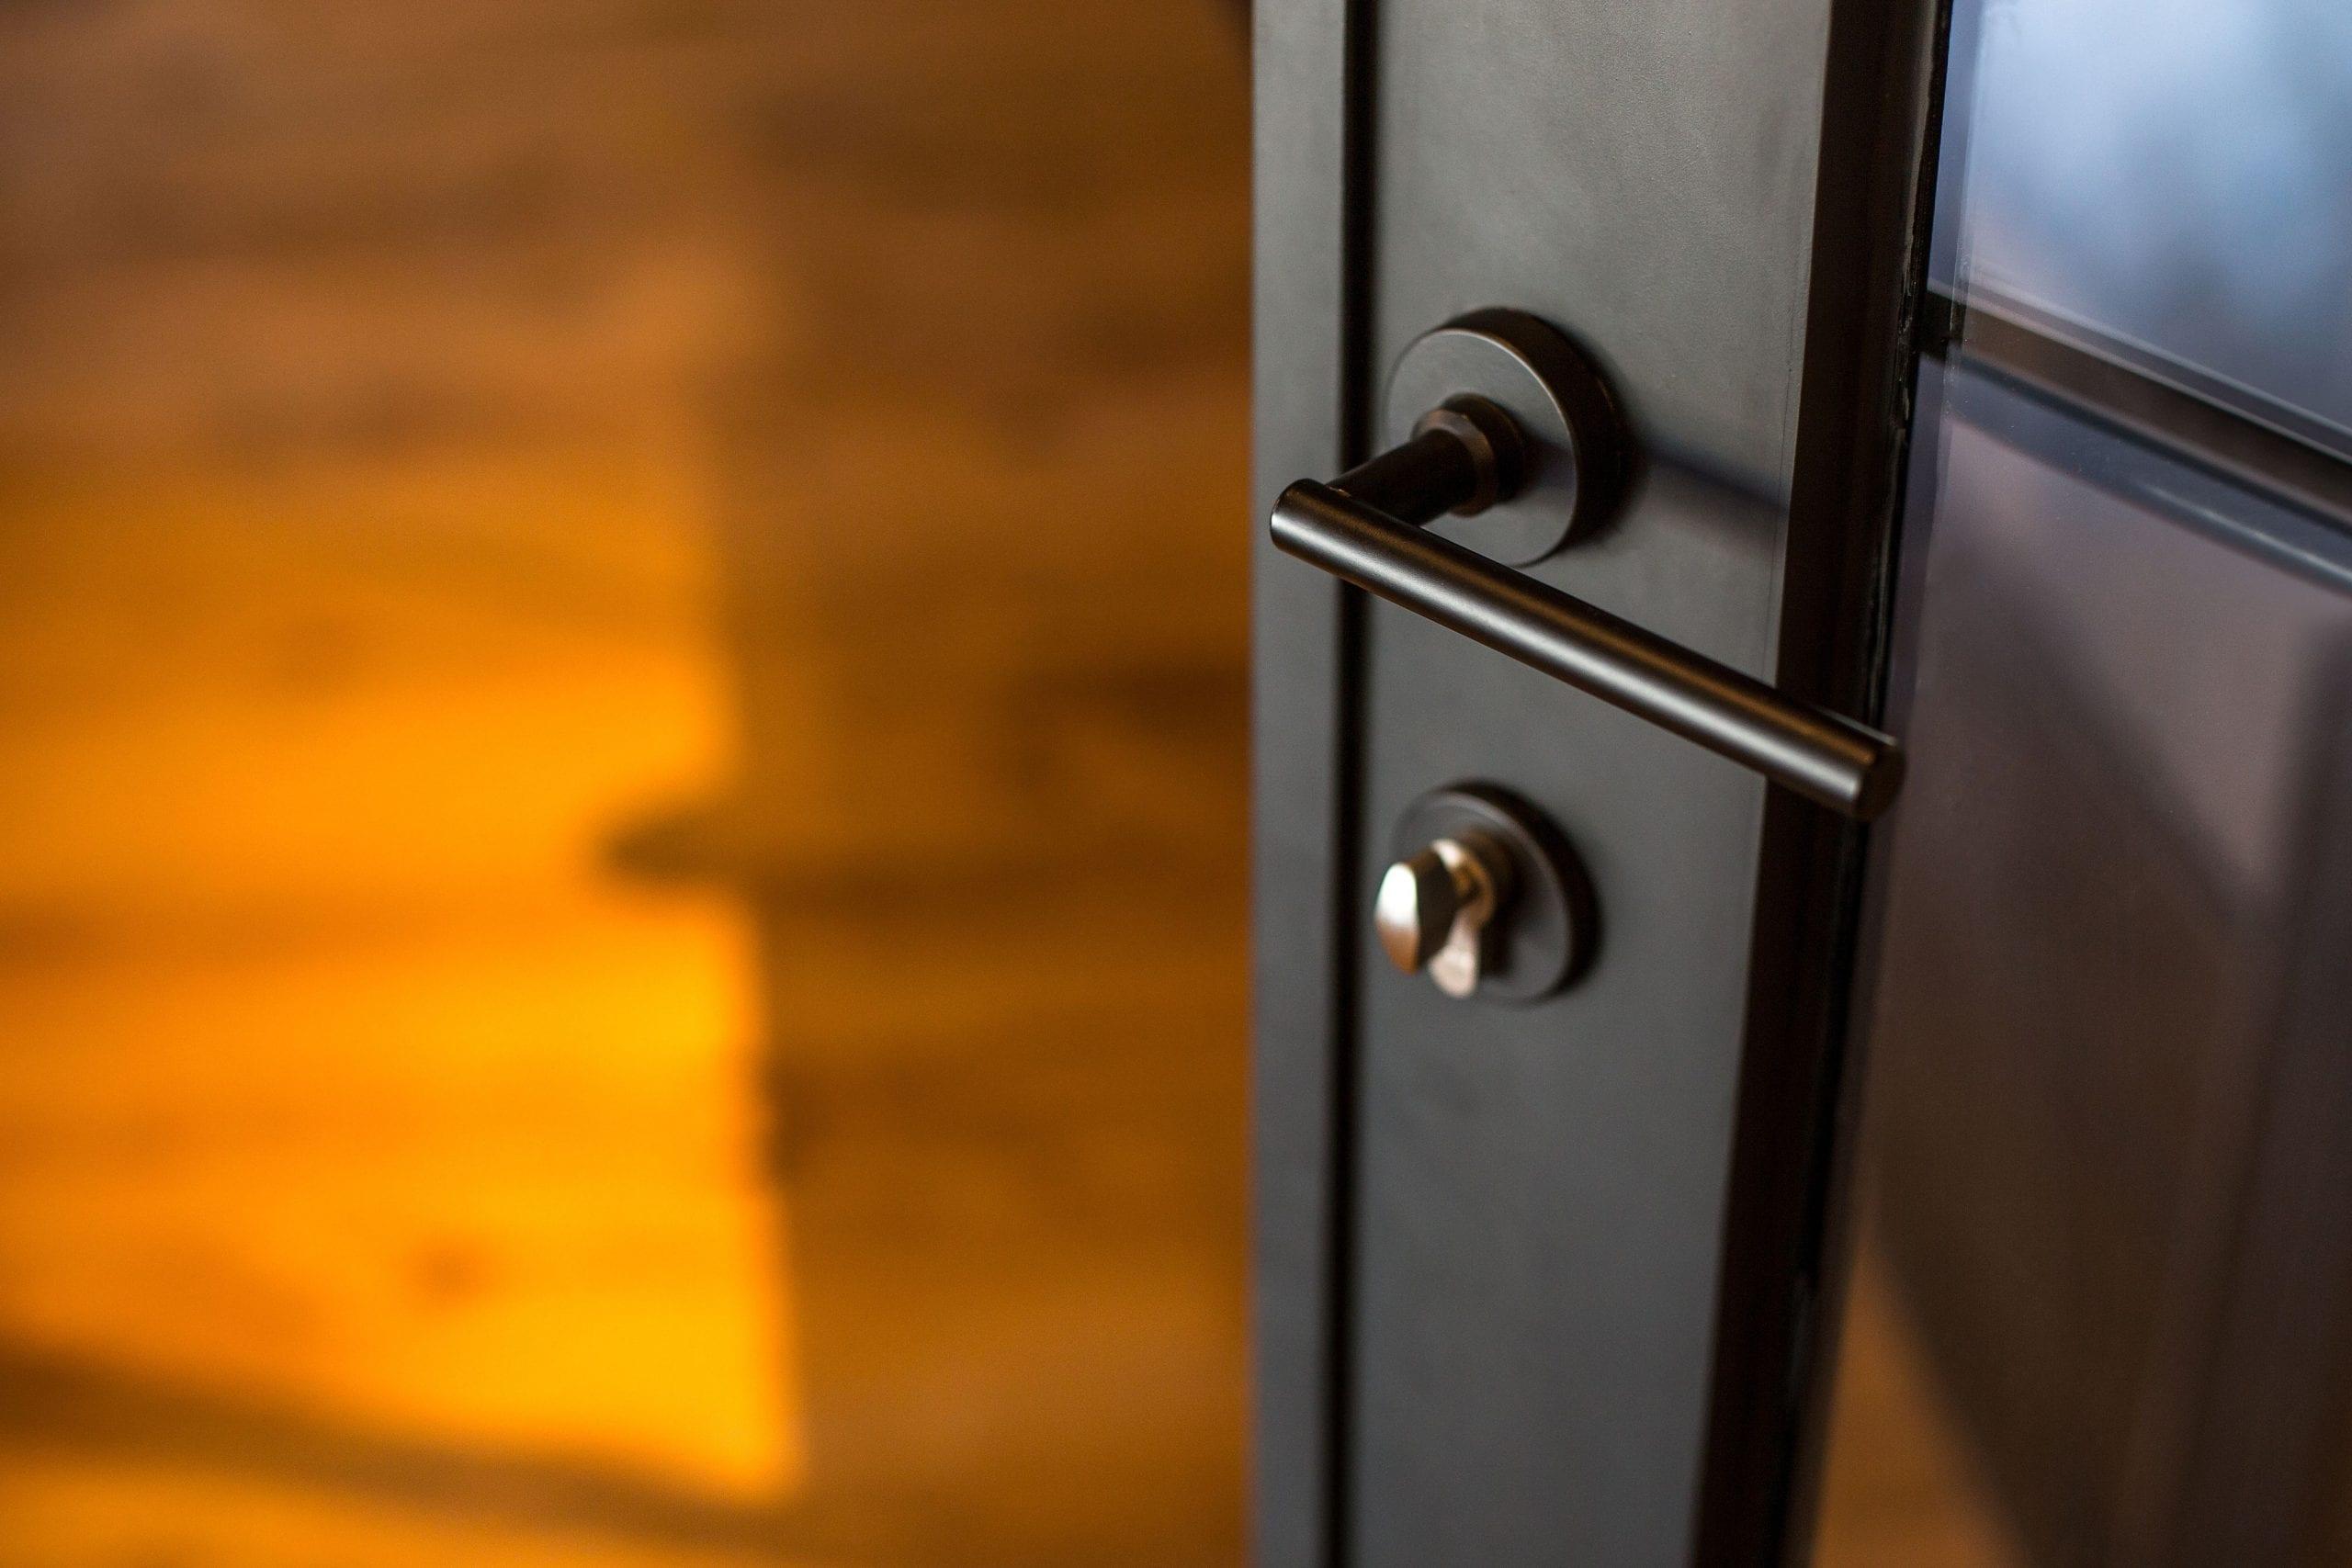 ידית ברזל בדלת ברזל פרופיל בלגי בצבע שחור נעילה רב מוקדית ללא חלודה